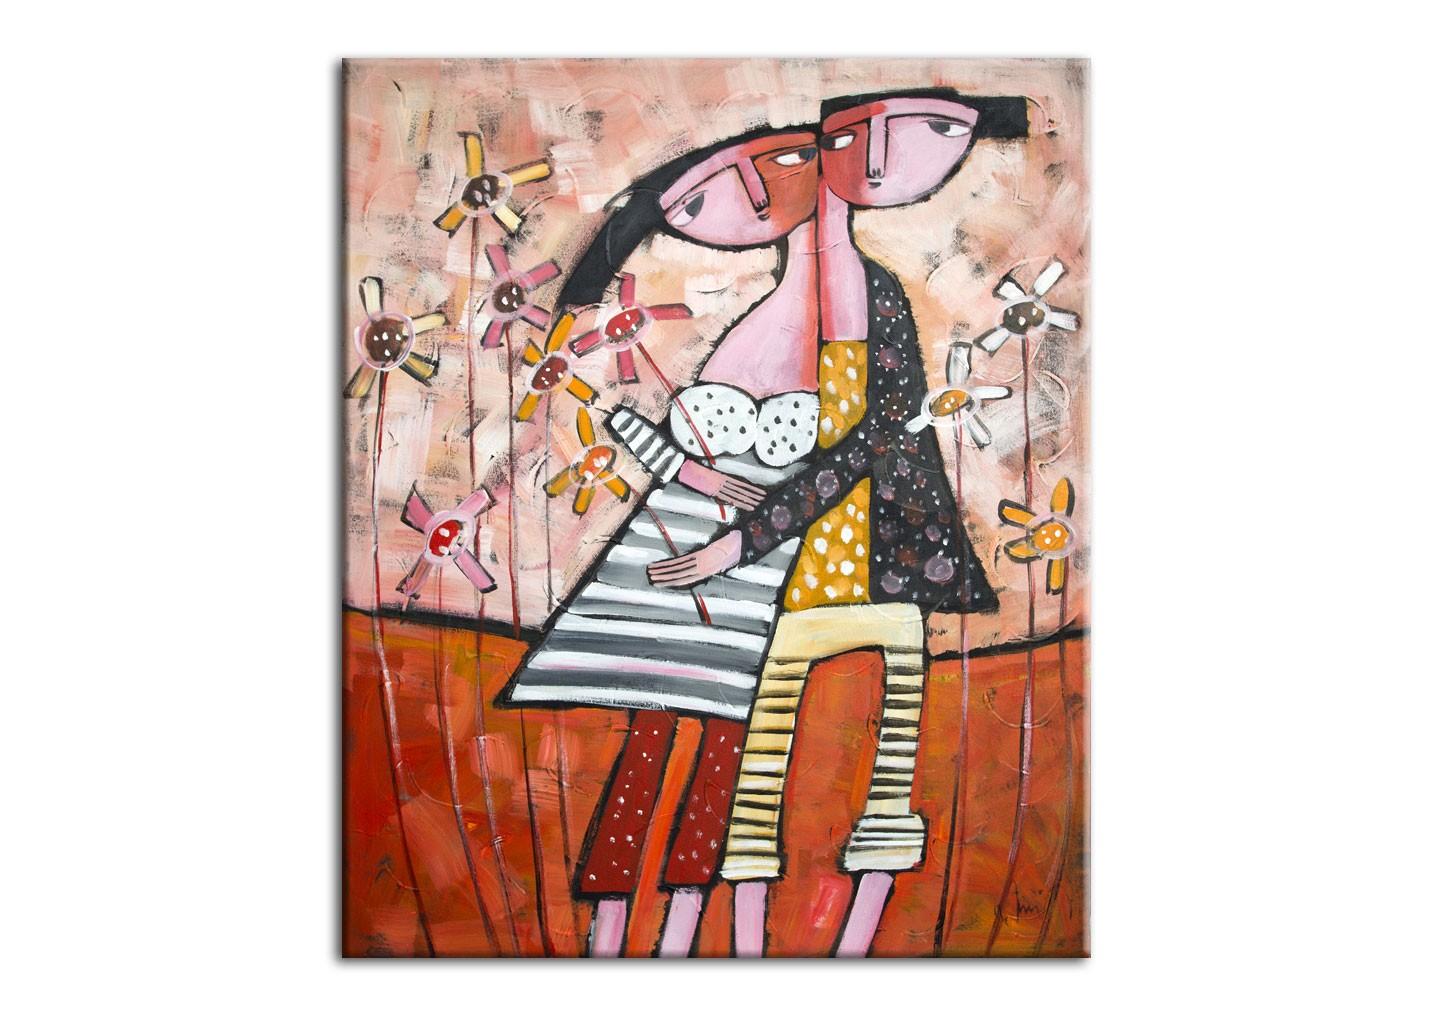 Картина ВлюбленныеКартины<br>Авторская копия картины балийского художника KM Alit с декоративной фактурной обработкой&amp;lt;div&amp;gt;&amp;lt;br&amp;gt;&amp;lt;/div&amp;gt;&amp;lt;div&amp;gt;Материал: натуральный холст, деревянный подрамник, лак,итальянский фактурный гель&amp;lt;br&amp;gt;&amp;lt;/div&amp;gt;<br><br>Material: Холст<br>Width см: 50<br>Depth см: 3<br>Height см: 60